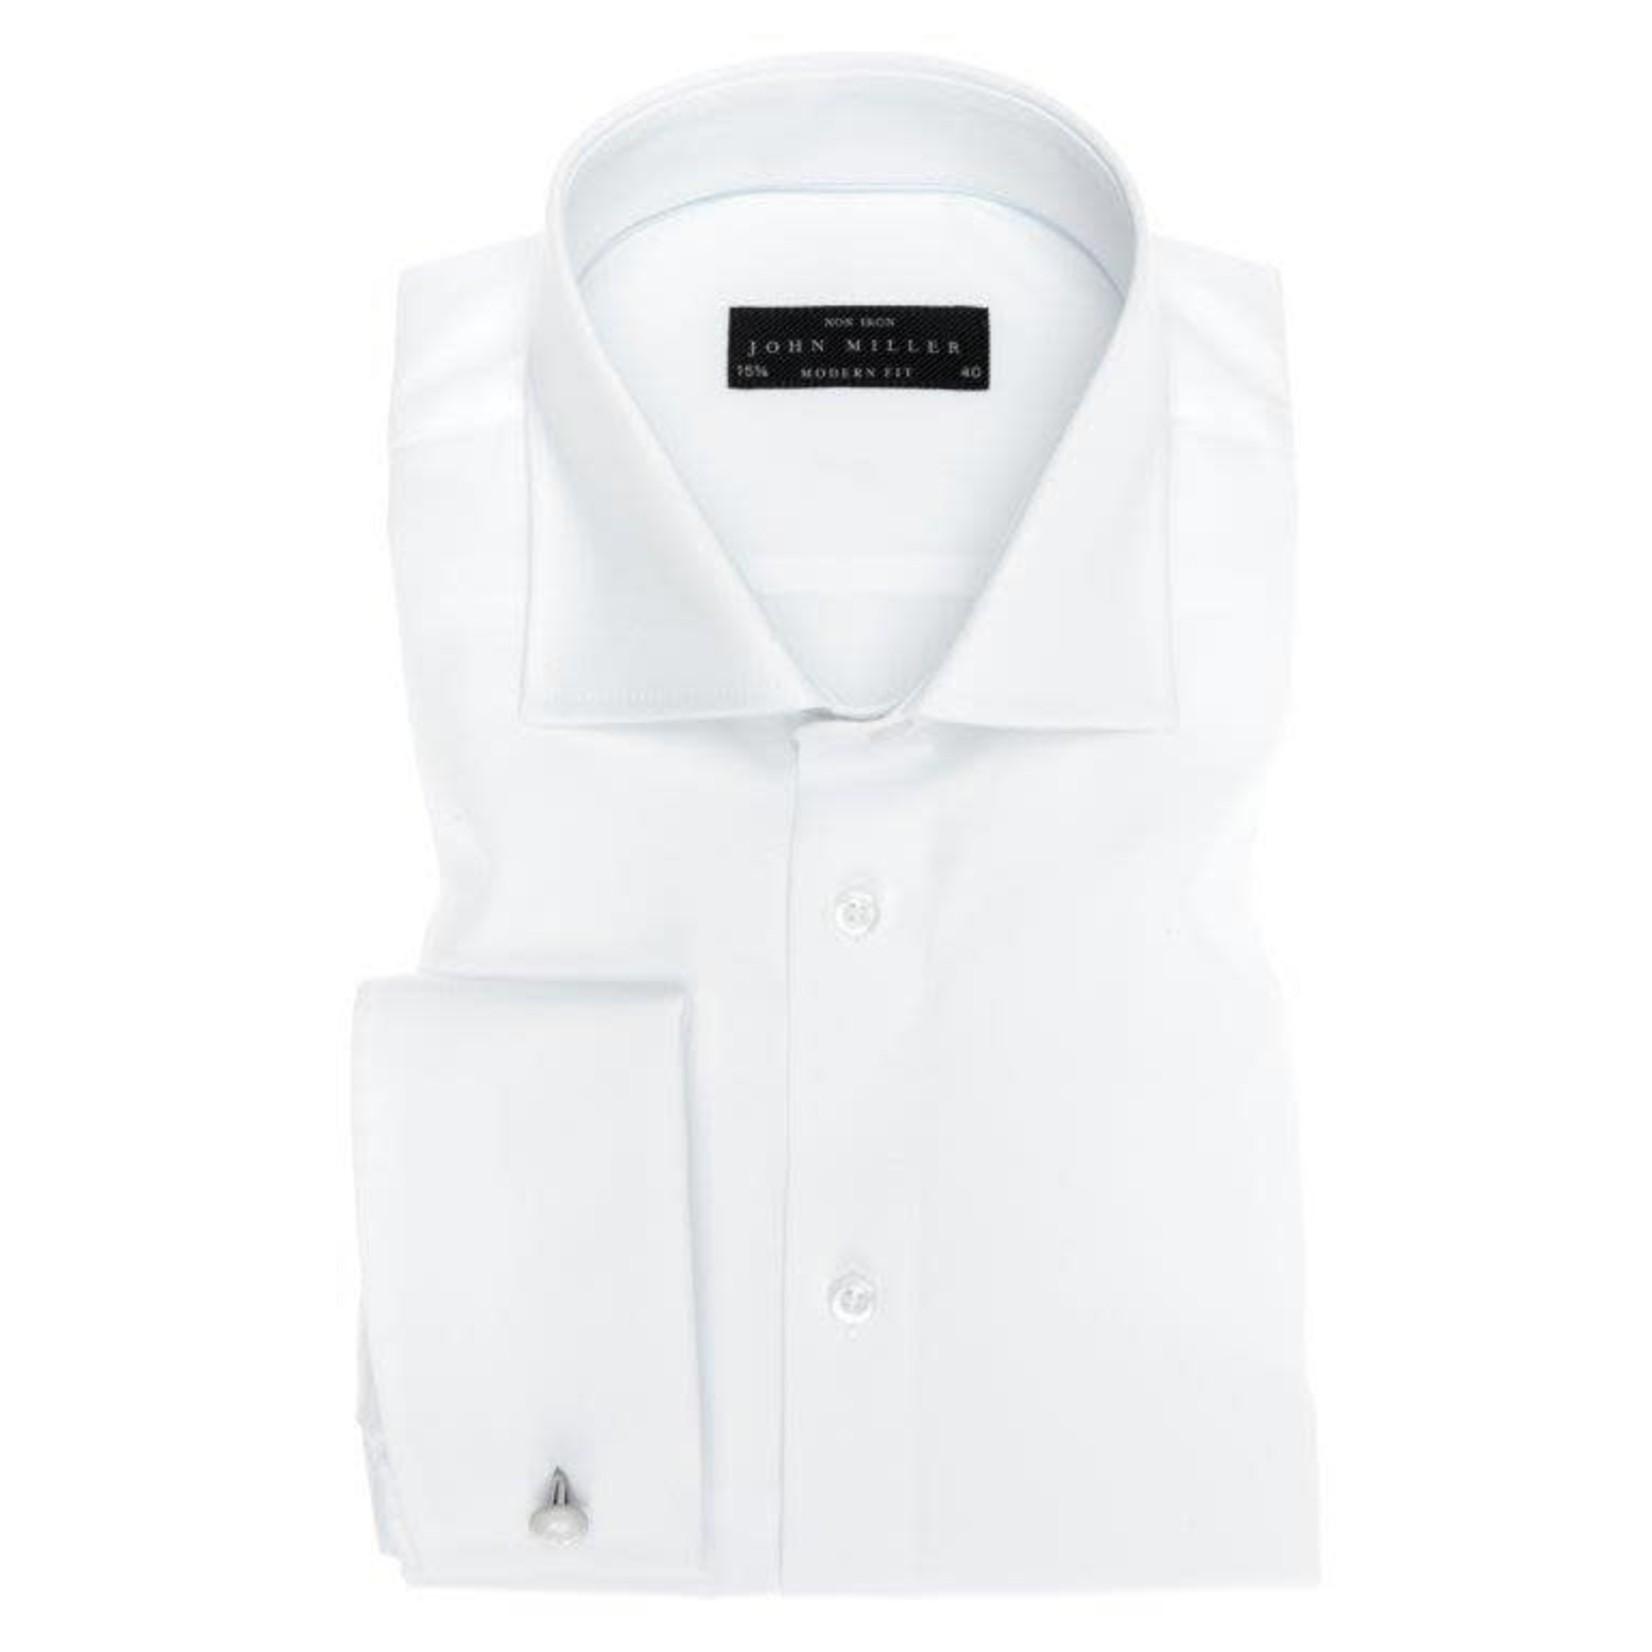 John Miller modern fit overhemd wit met dubbele manchet en wide spread boord.